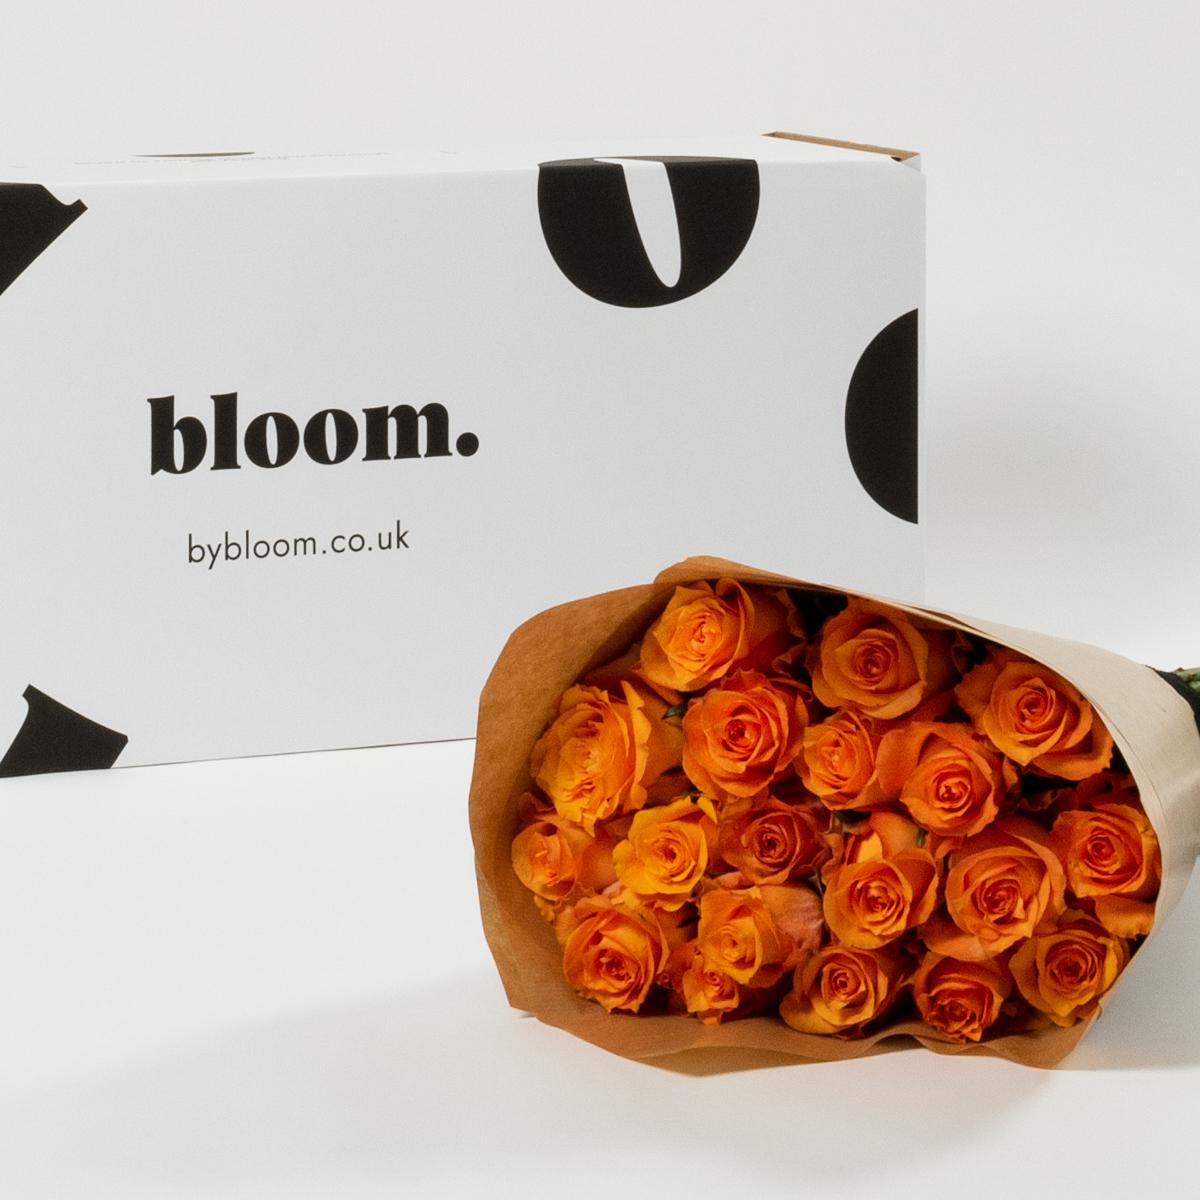 Bloom Flower Delivery | Tangerine Orange Rose